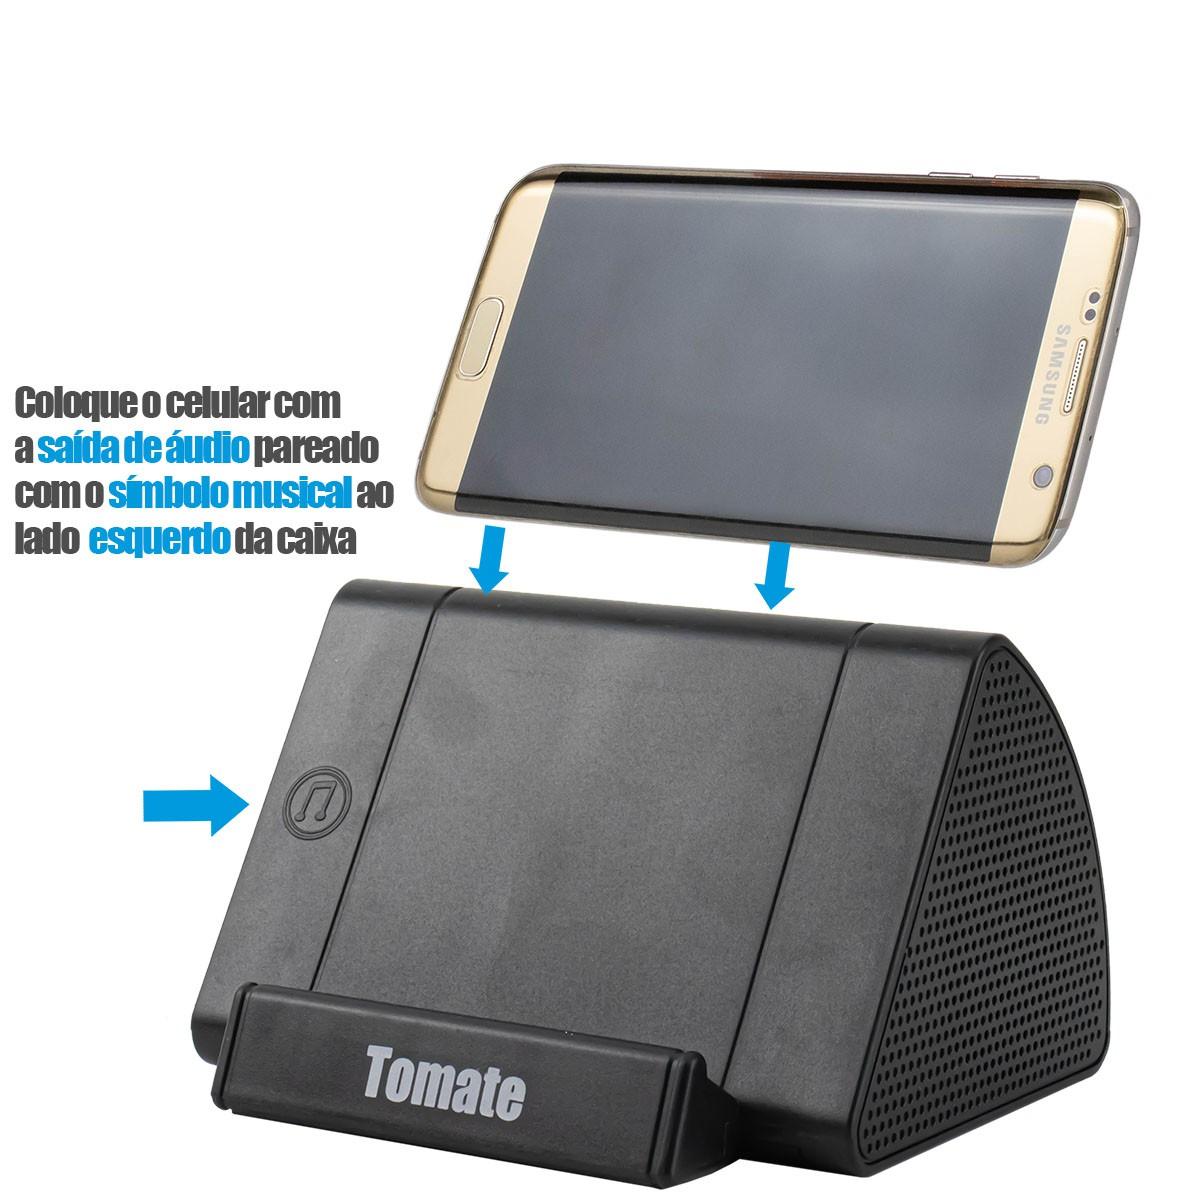 Caixa de Som Portátil Sem Fio Para Celular Por Indução 3W Tomate MTS-8811